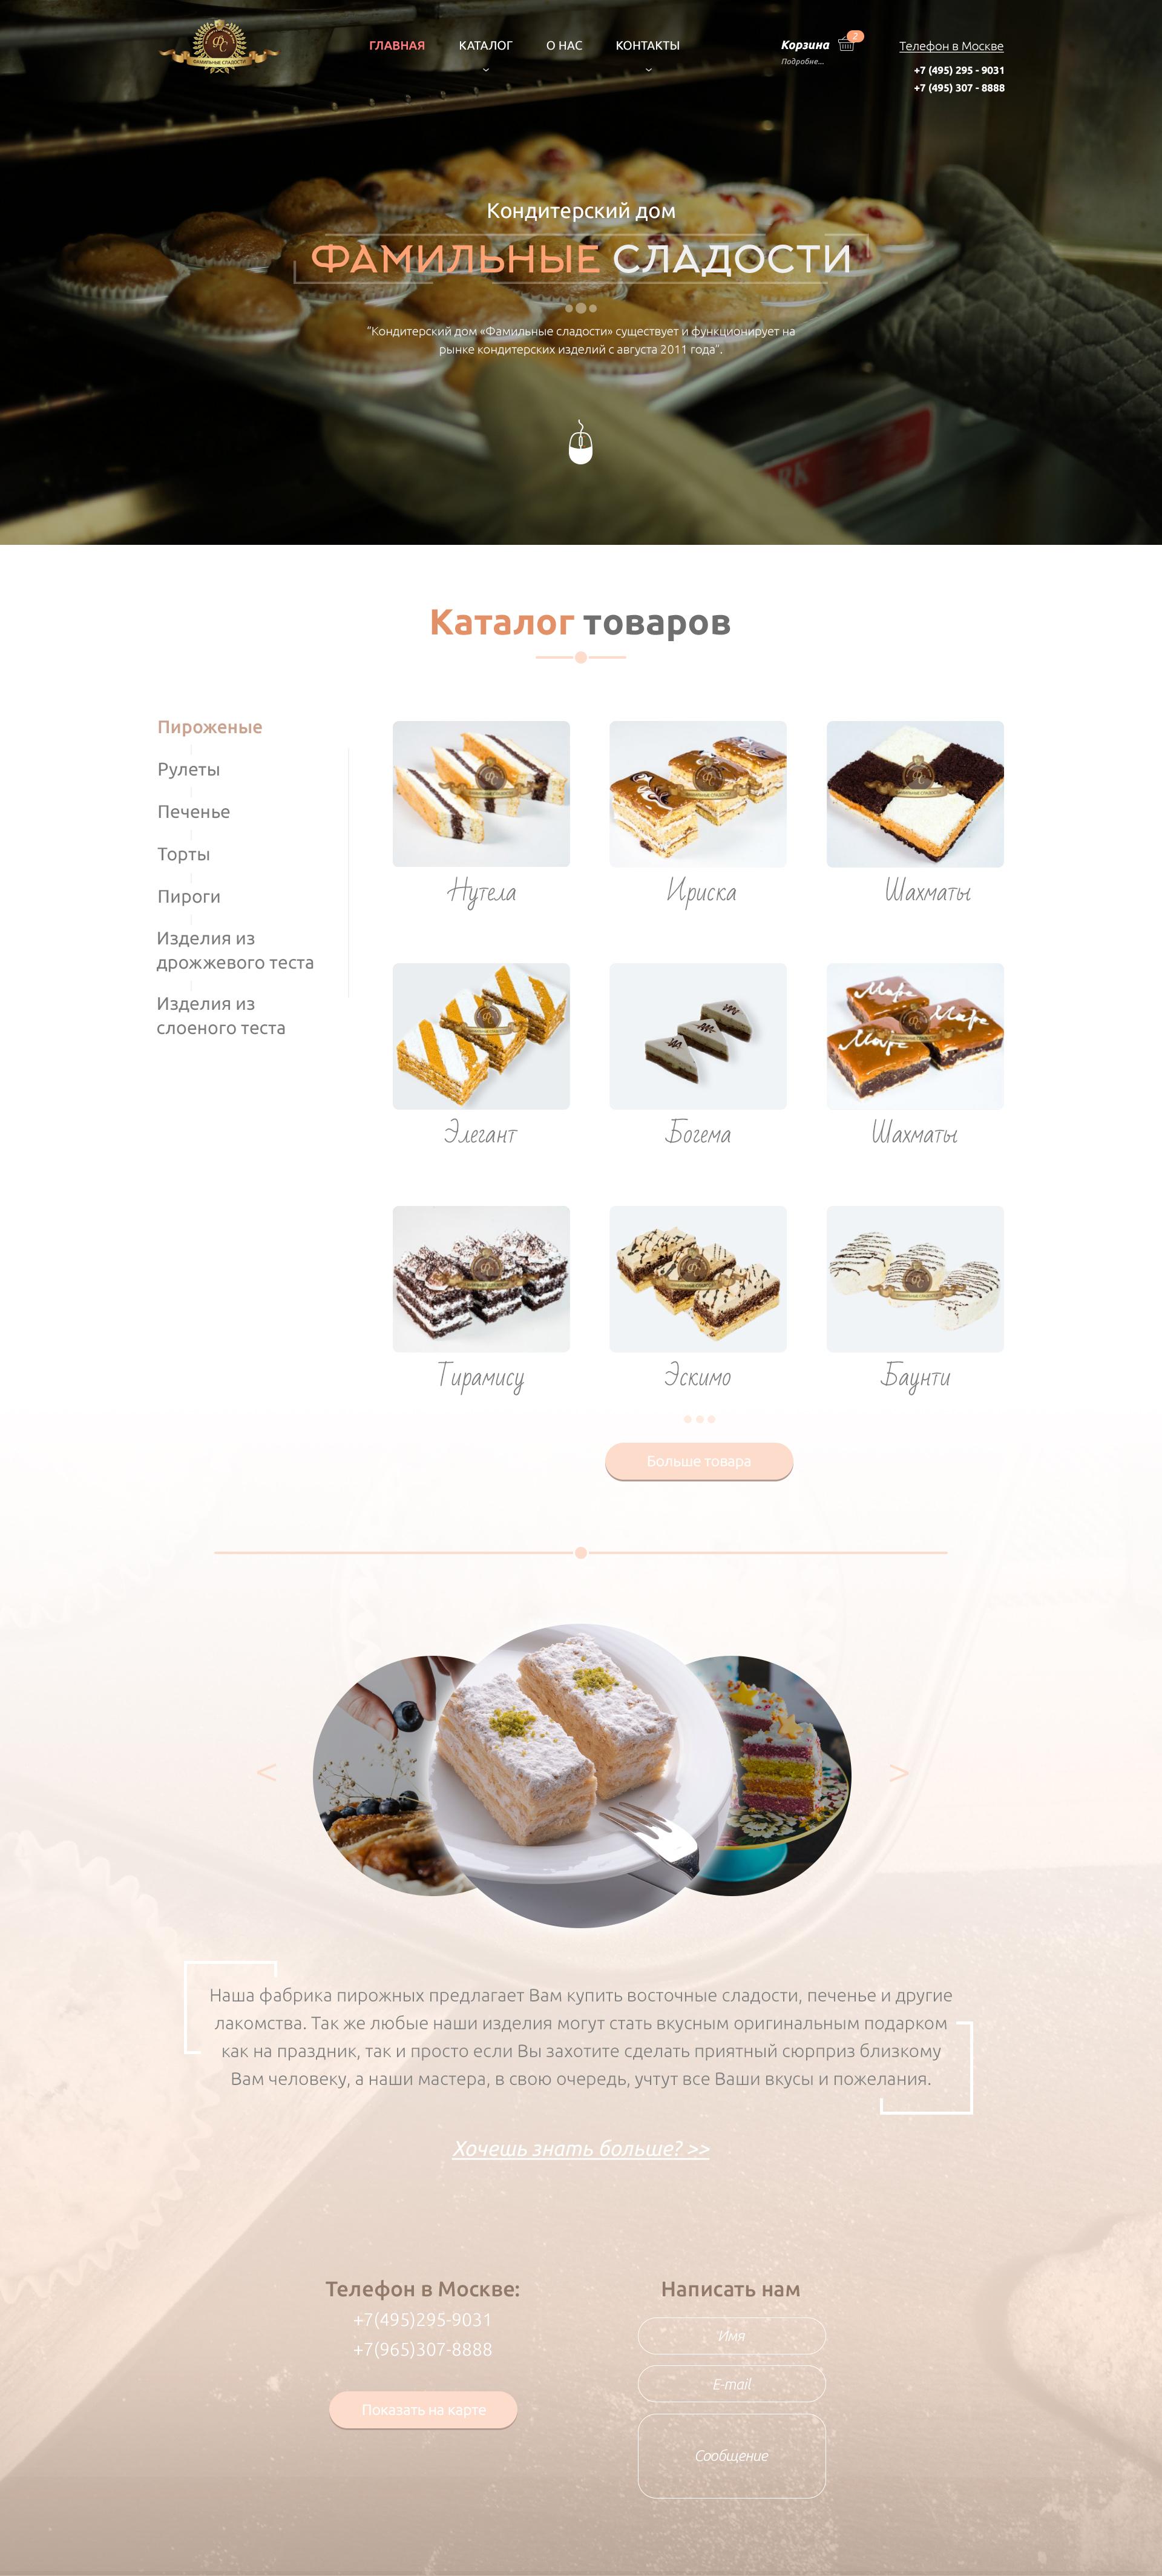 Редизайн главной страницы сайта кондитерского производства фото f_6485aa289f12c315.jpg